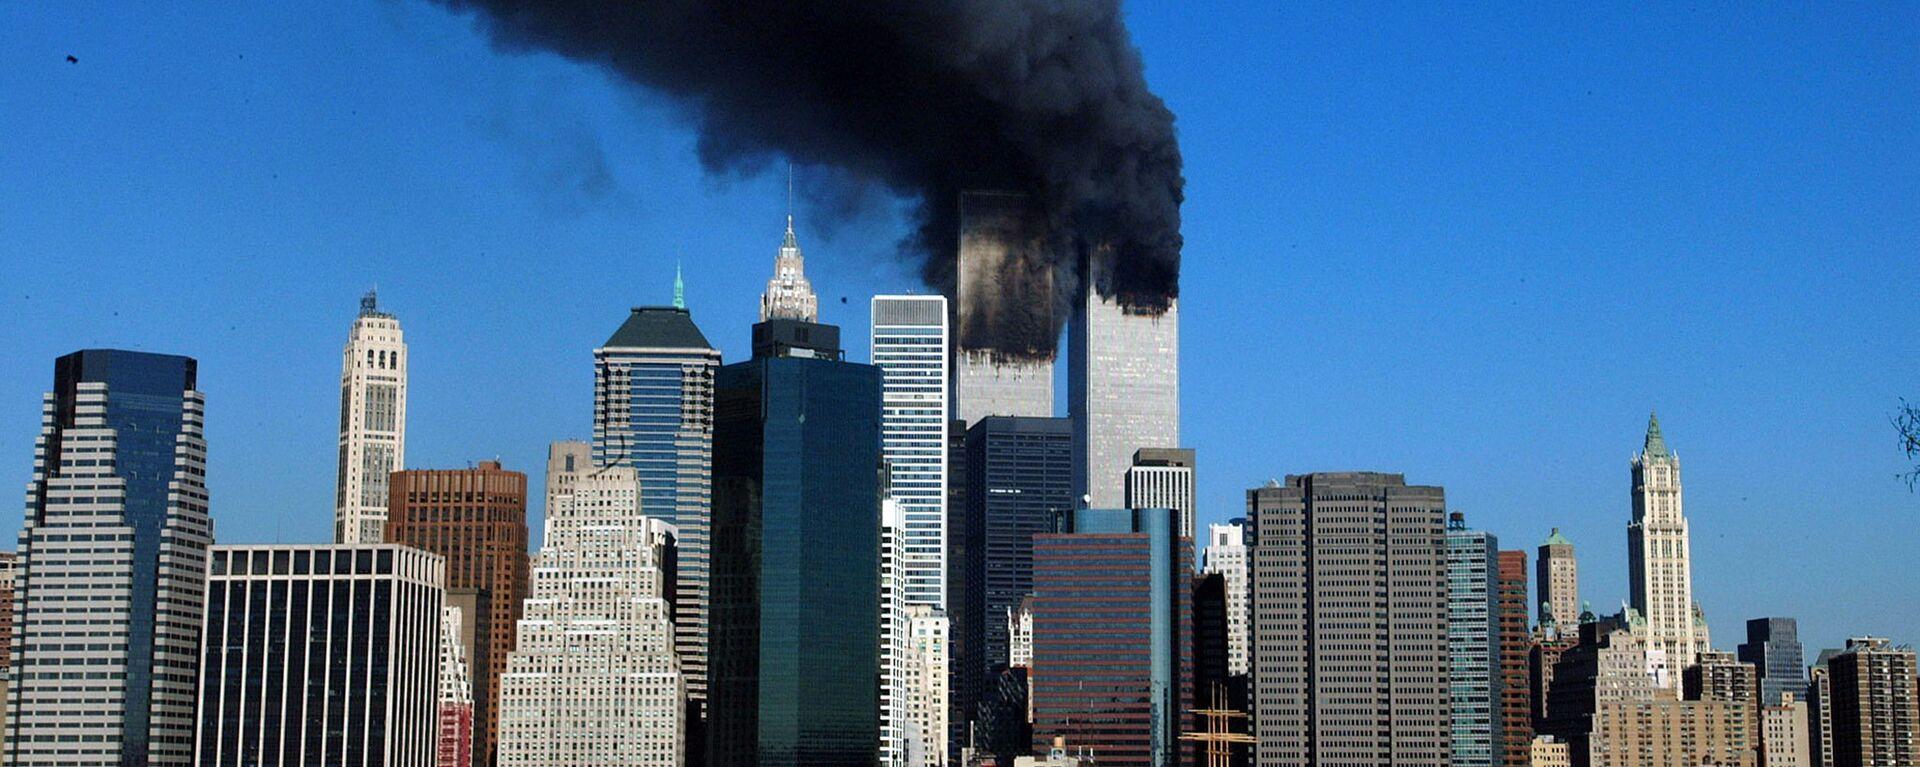 Ataque terrorista contra las Torres Gemelas en Nueva York (archivo) - Sputnik Mundo, 1920, 10.09.2021